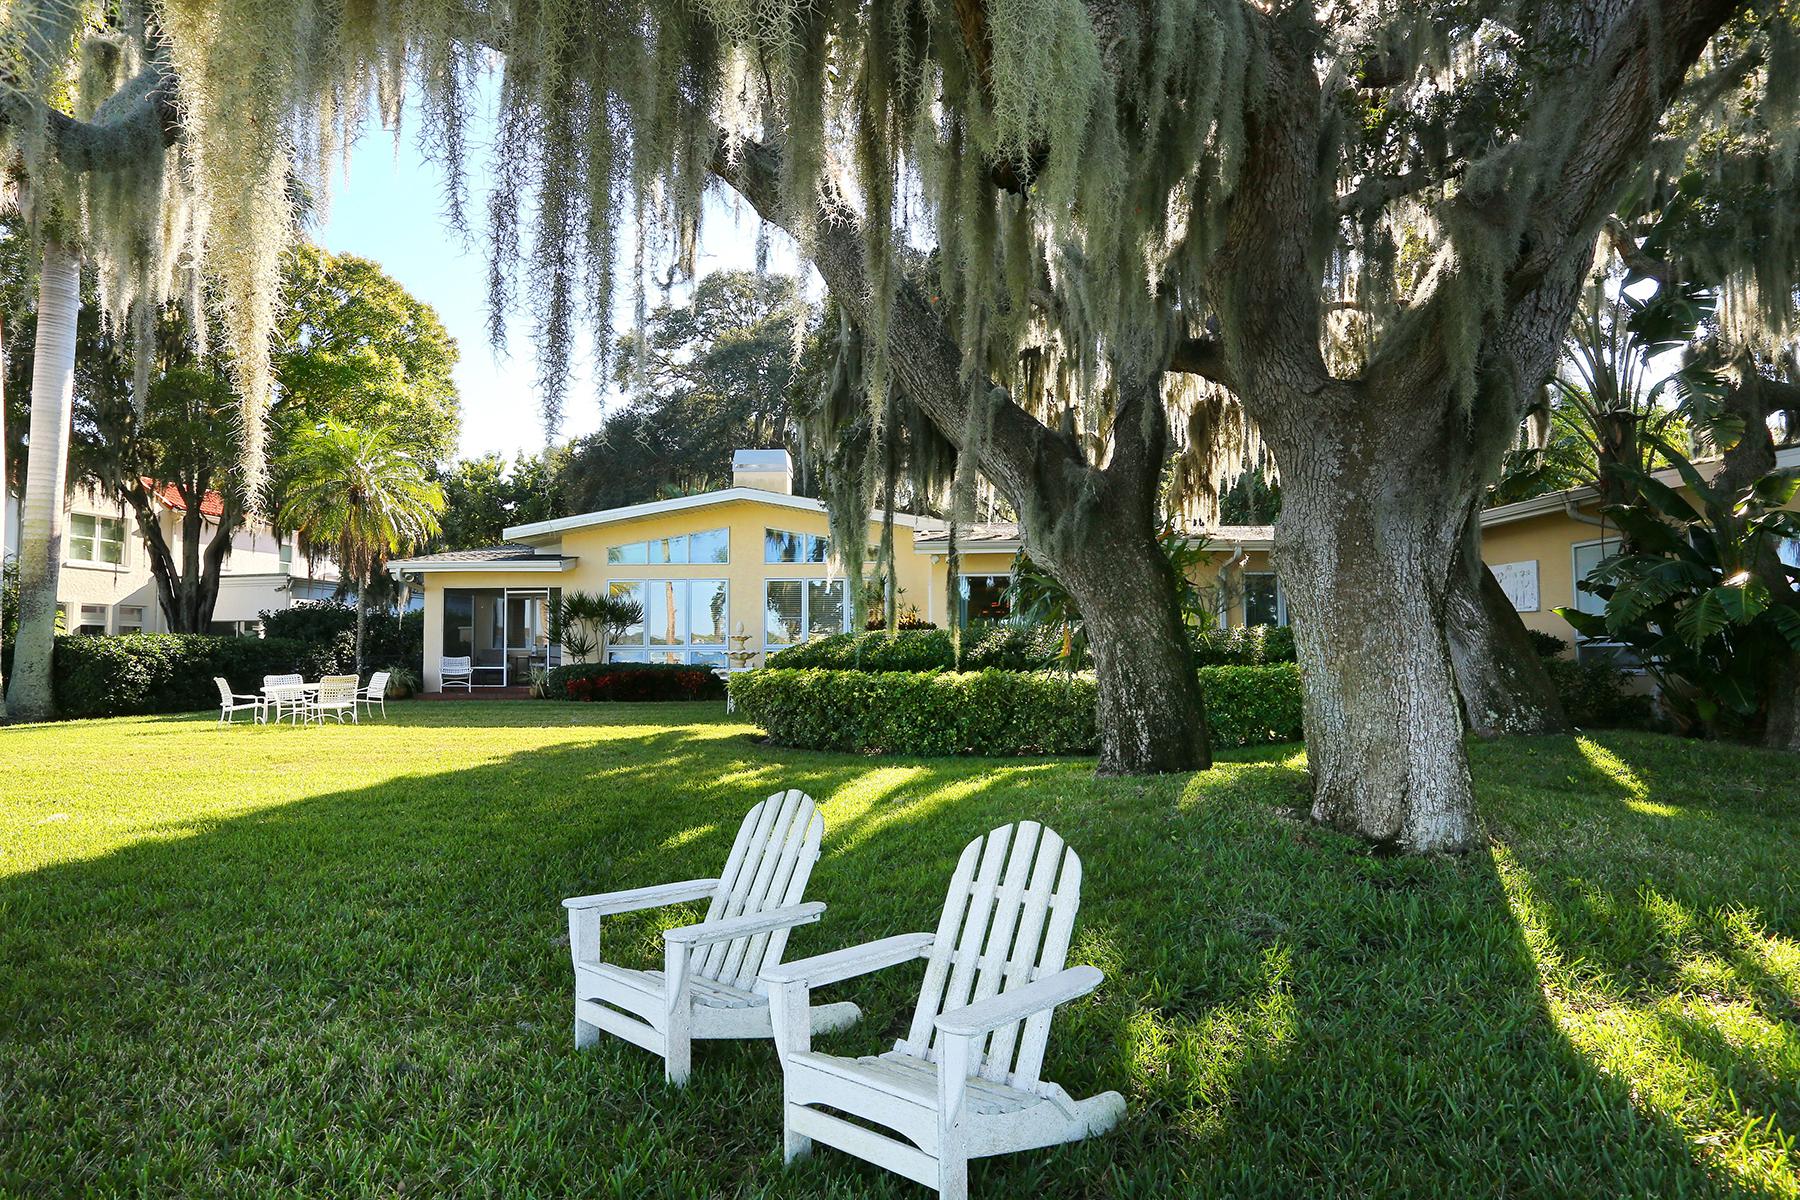 Maison unifamiliale pour l Vente à BRADEN COURT 2842 Avenue C NW Bradenton, Florida 34205 États-Unis